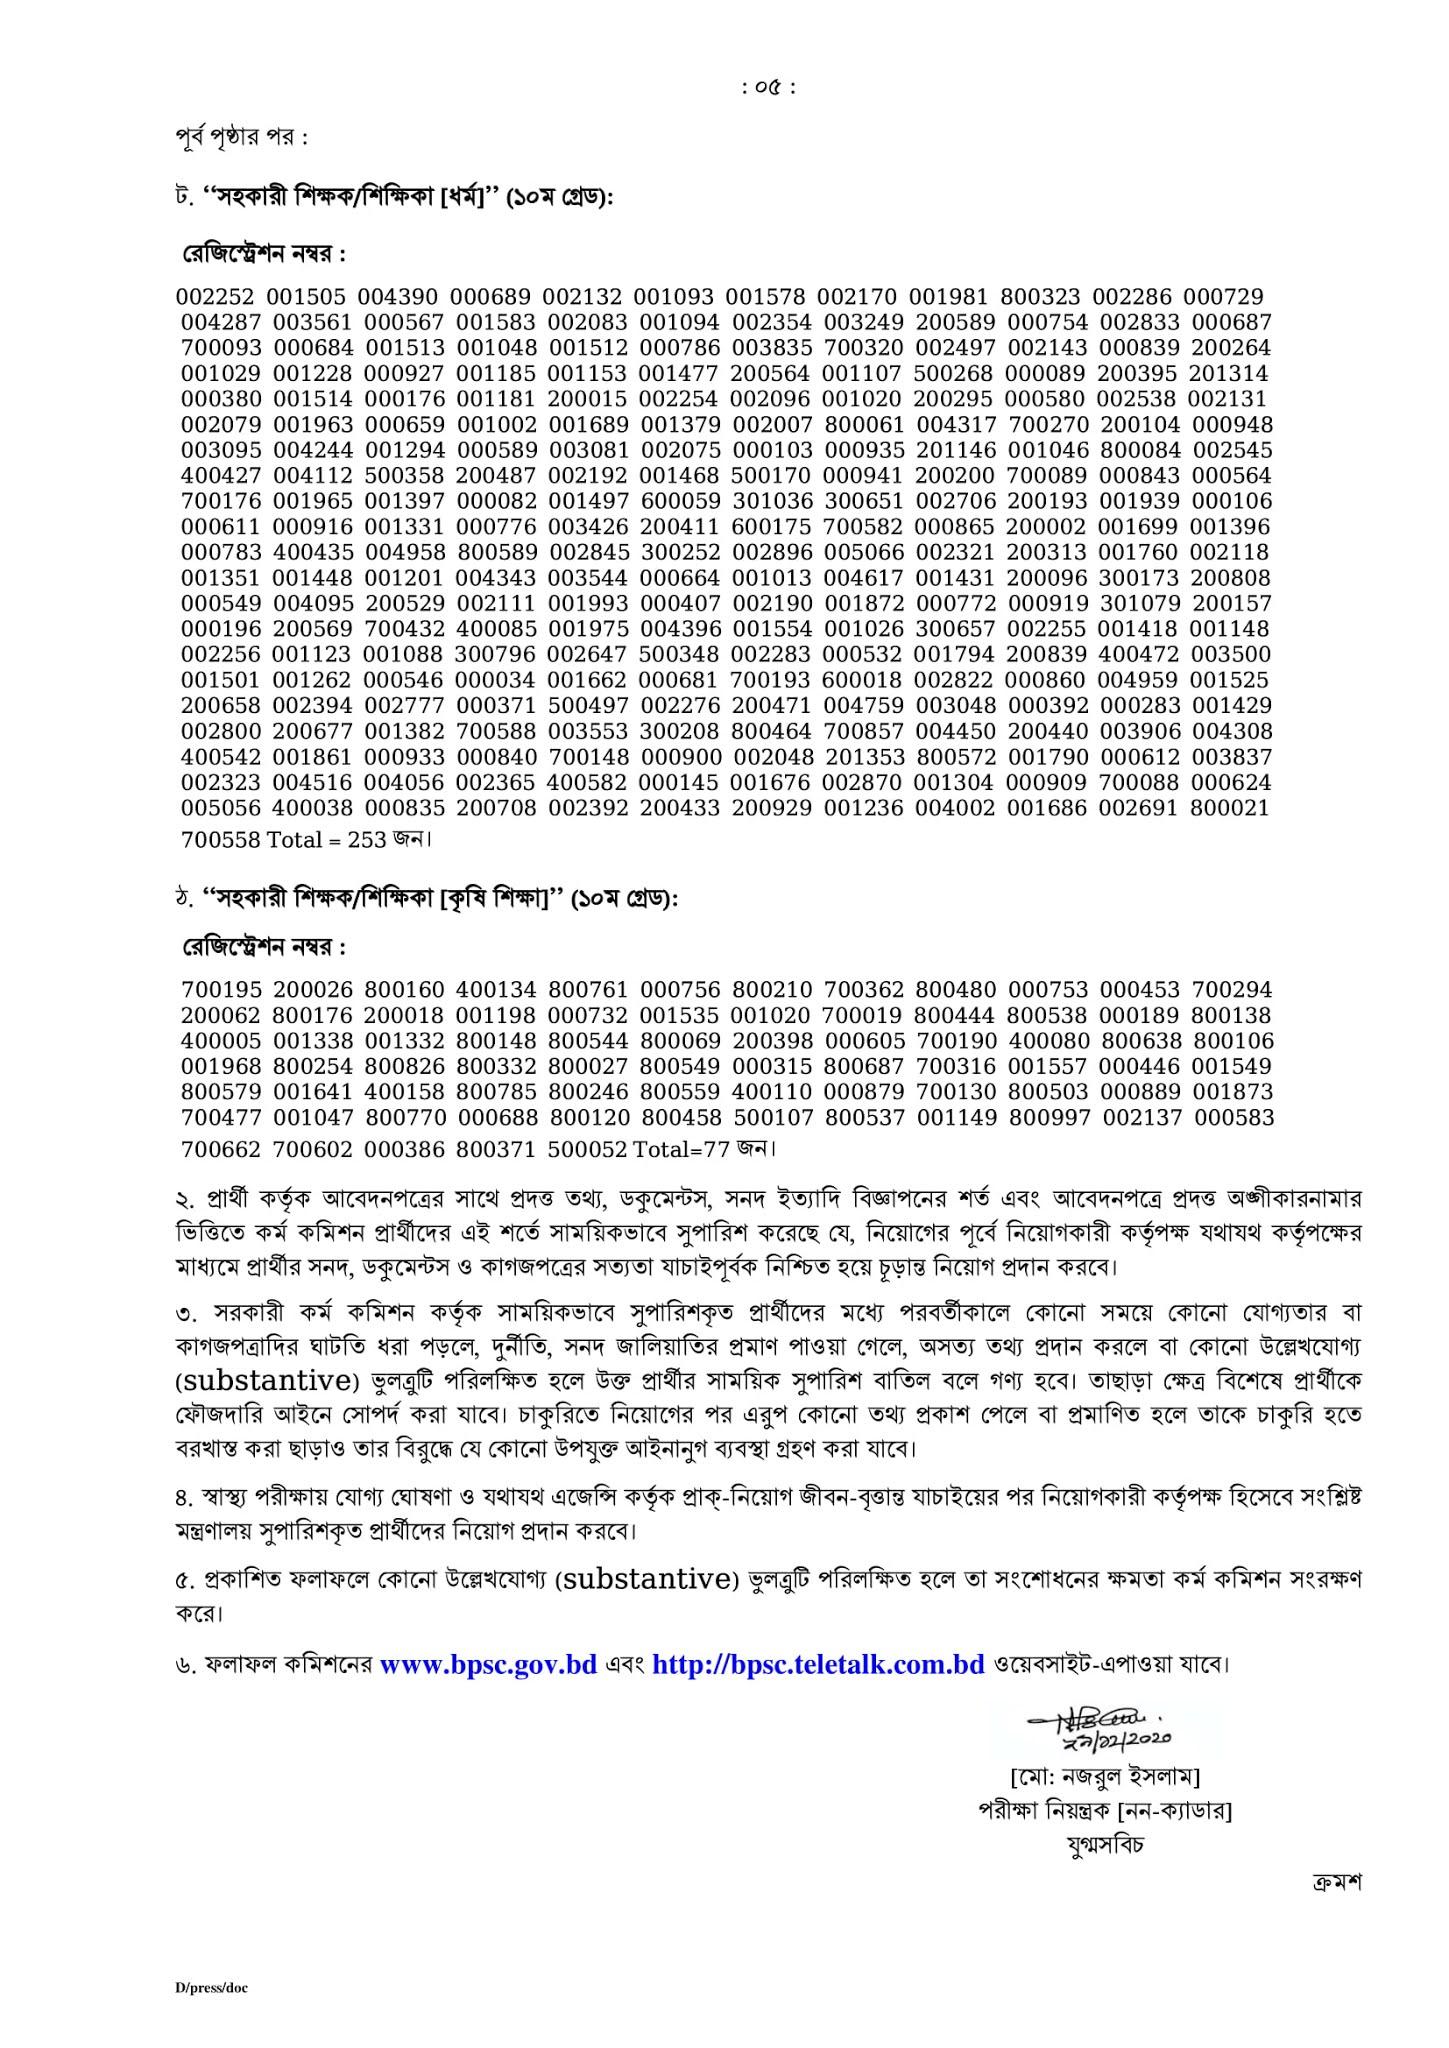 BPSC Result Published